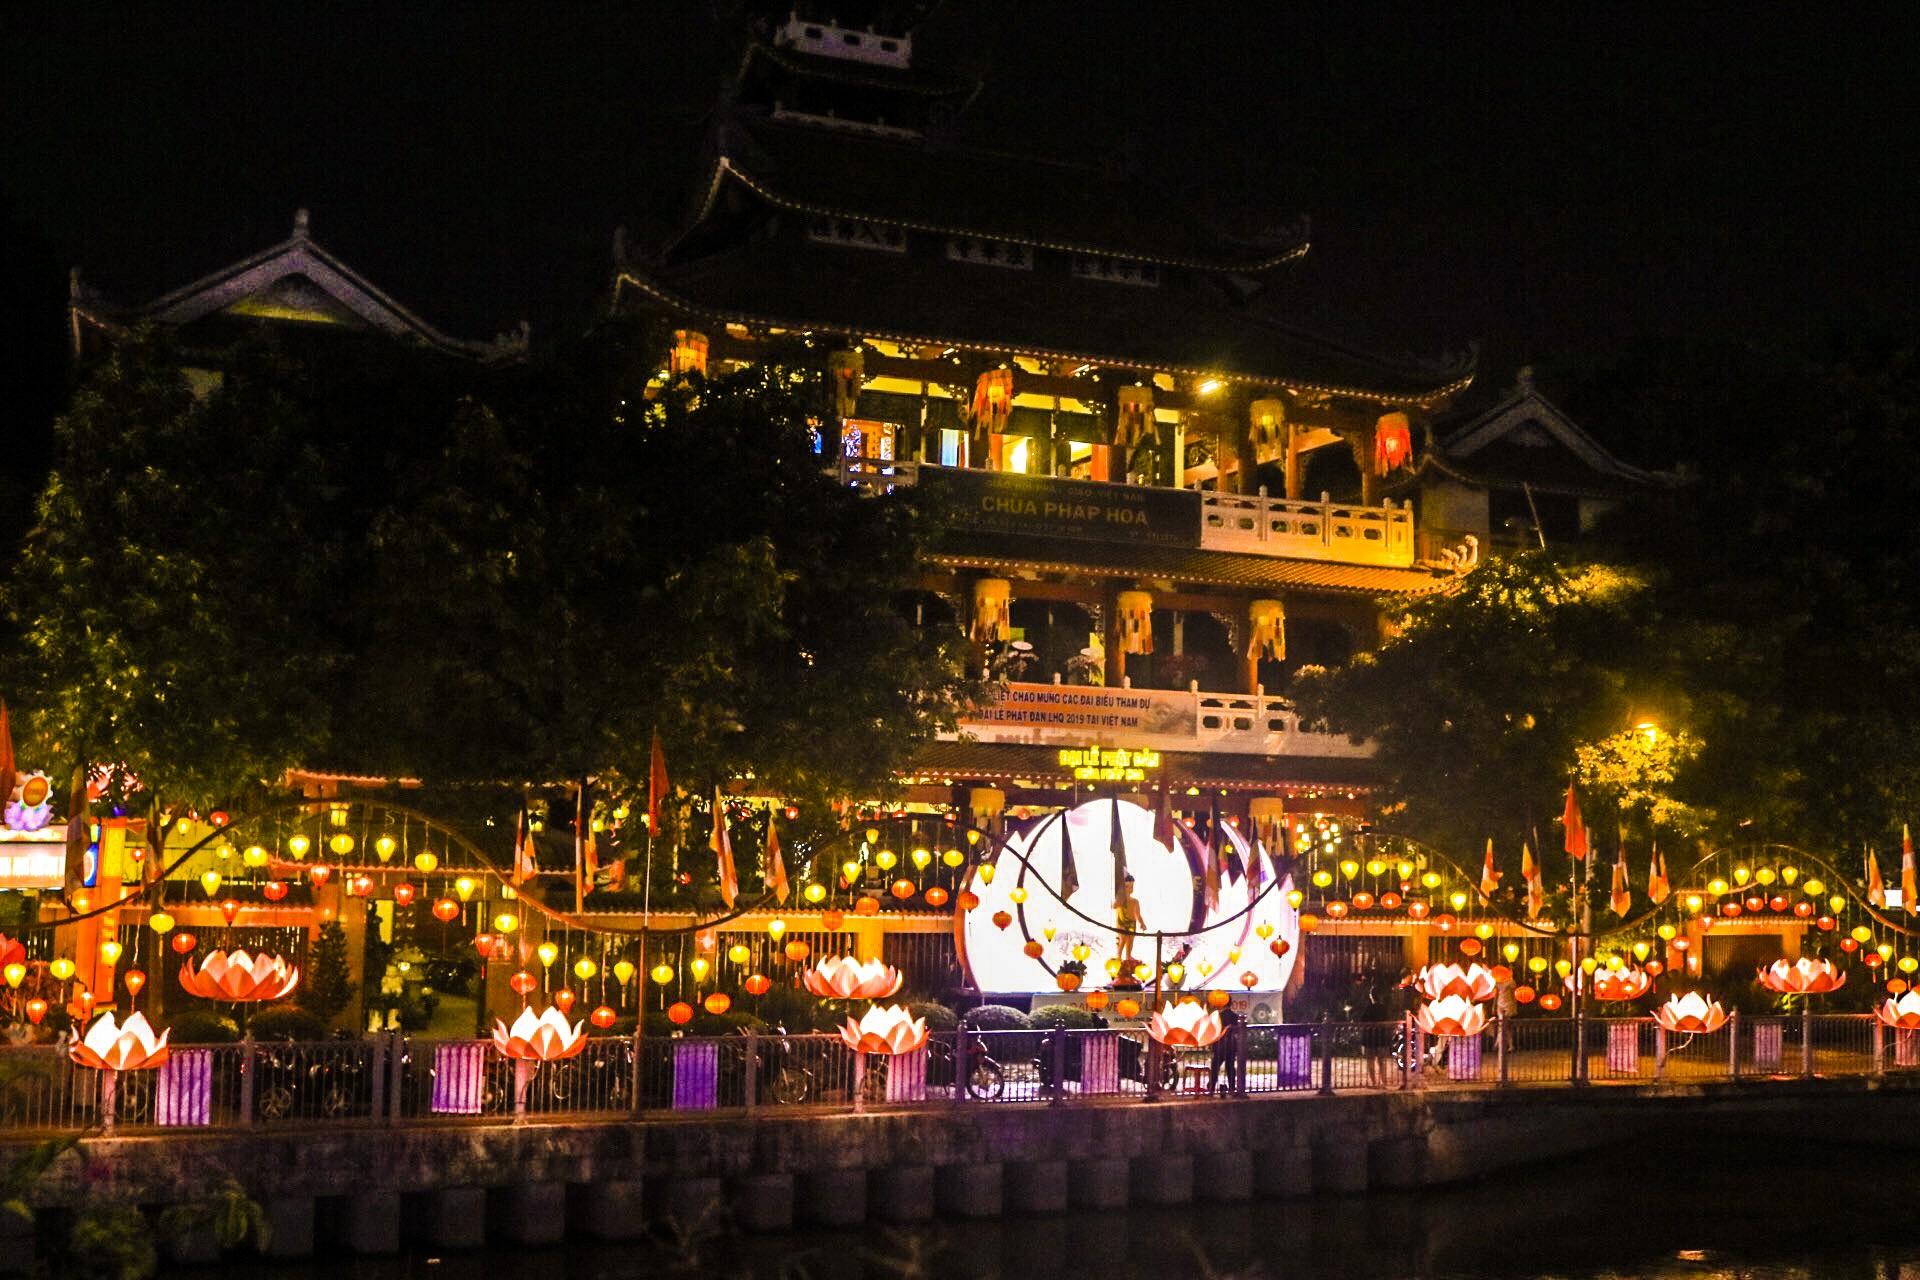 Ngắm vẻ lung linh của chùa Pháp Hoa trước Đại lễ Phật Đản Vesak 2019 - Ảnh 1.